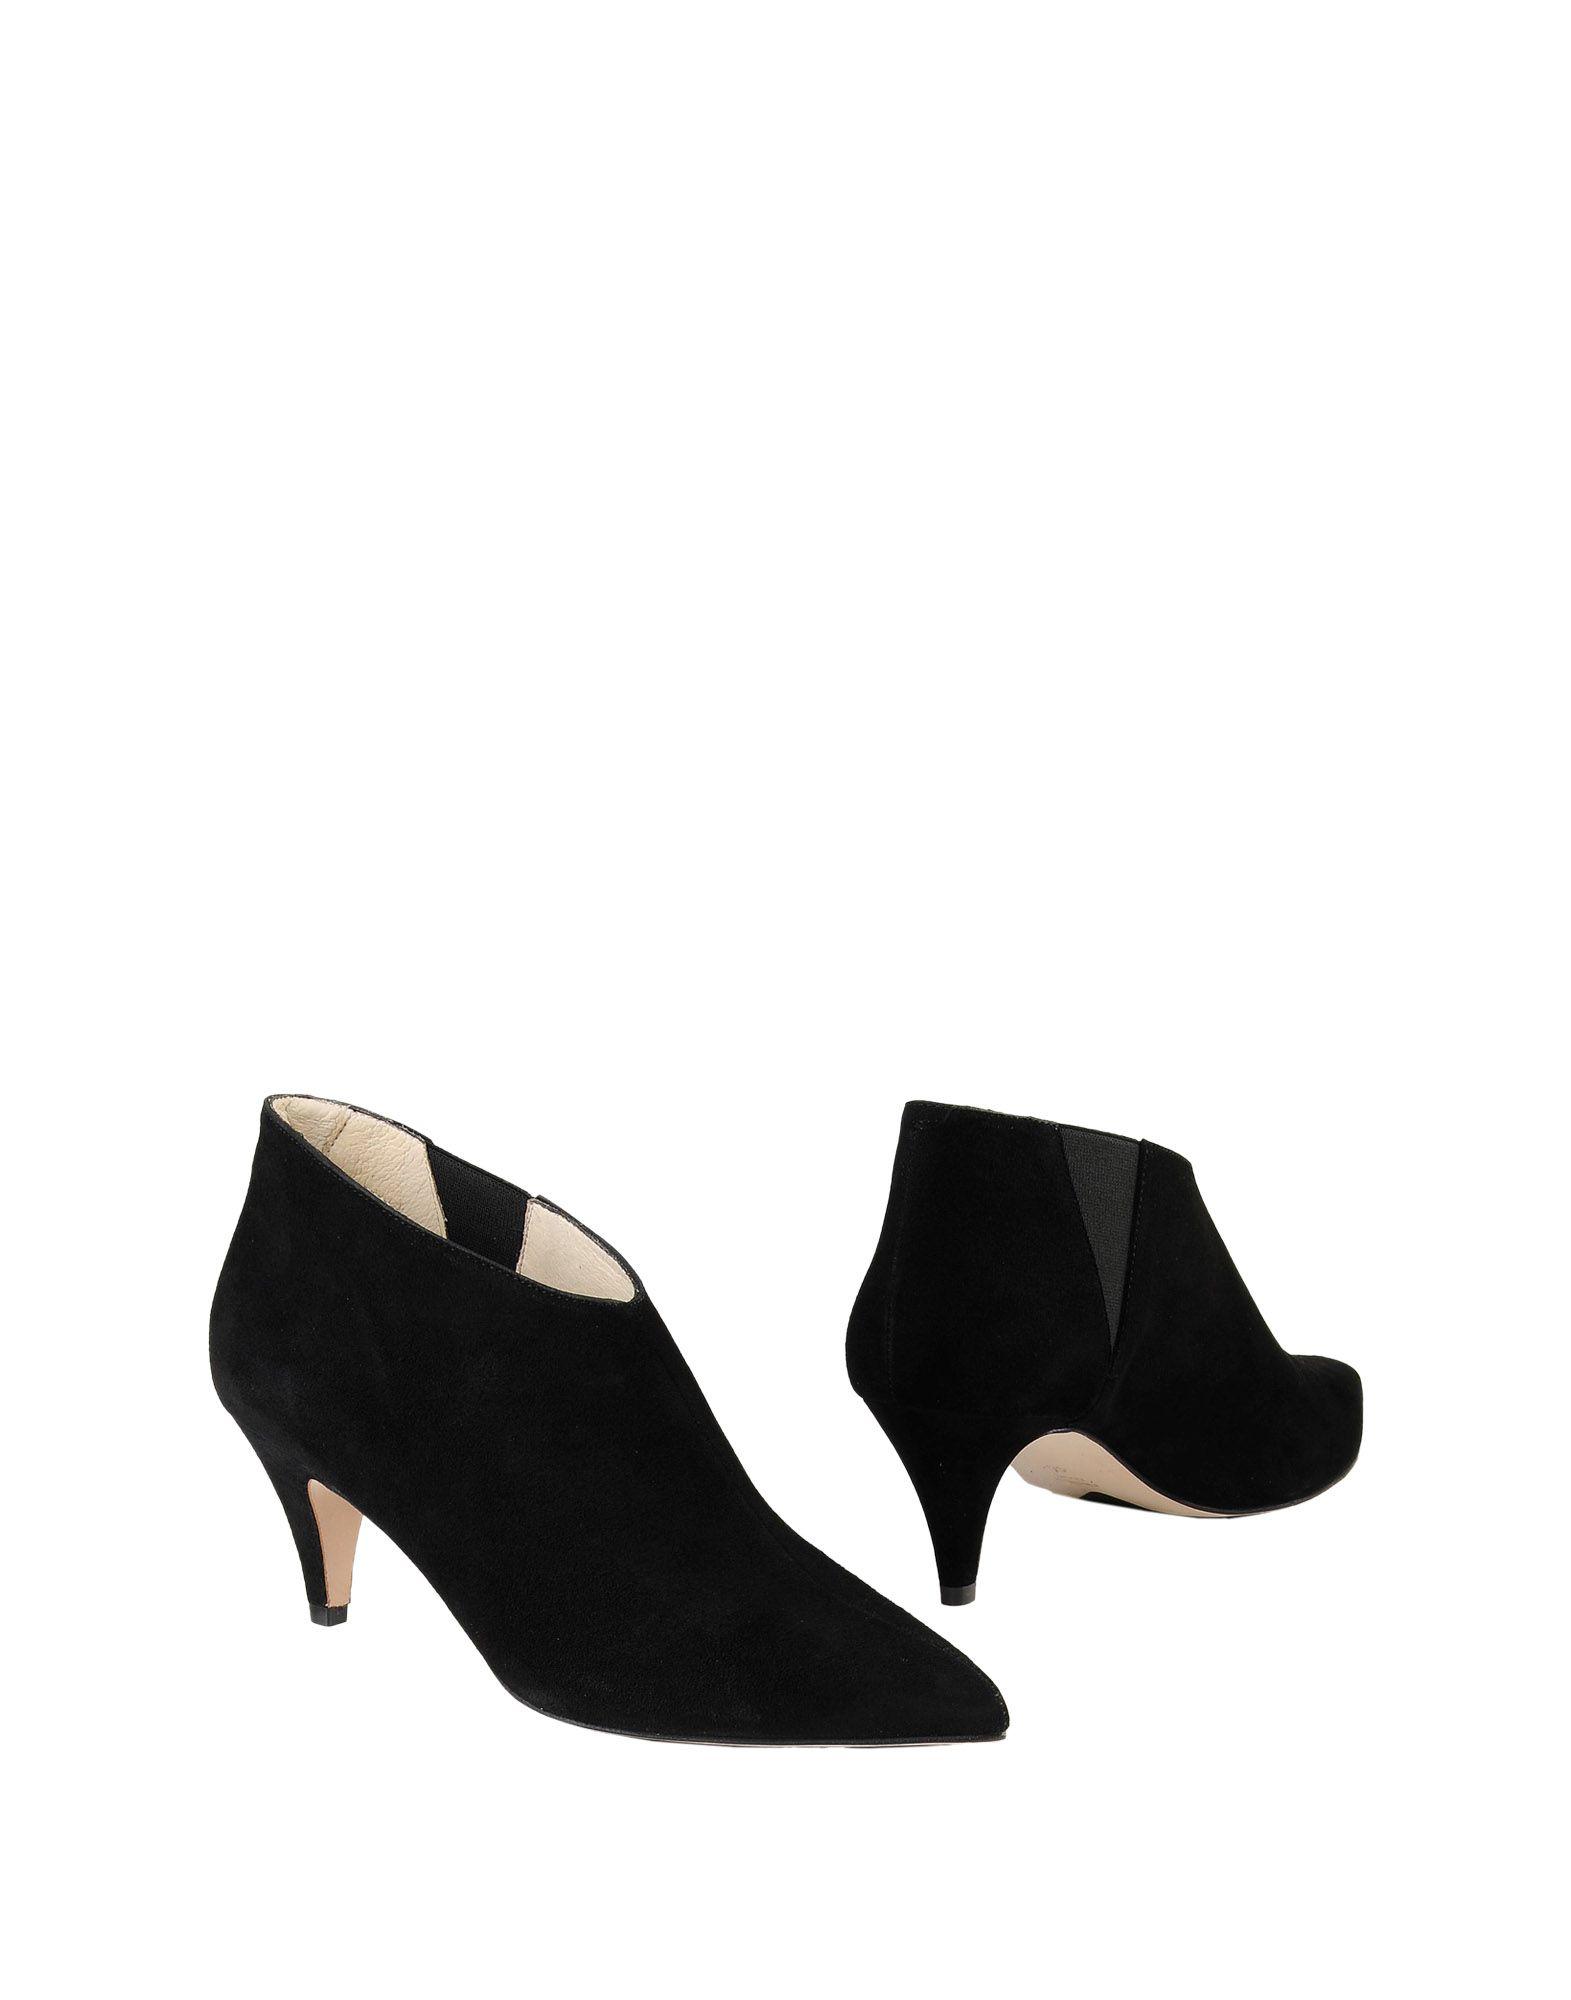 George J. Love Stiefelette Damen  11541685DI Gute Qualität beliebte Schuhe